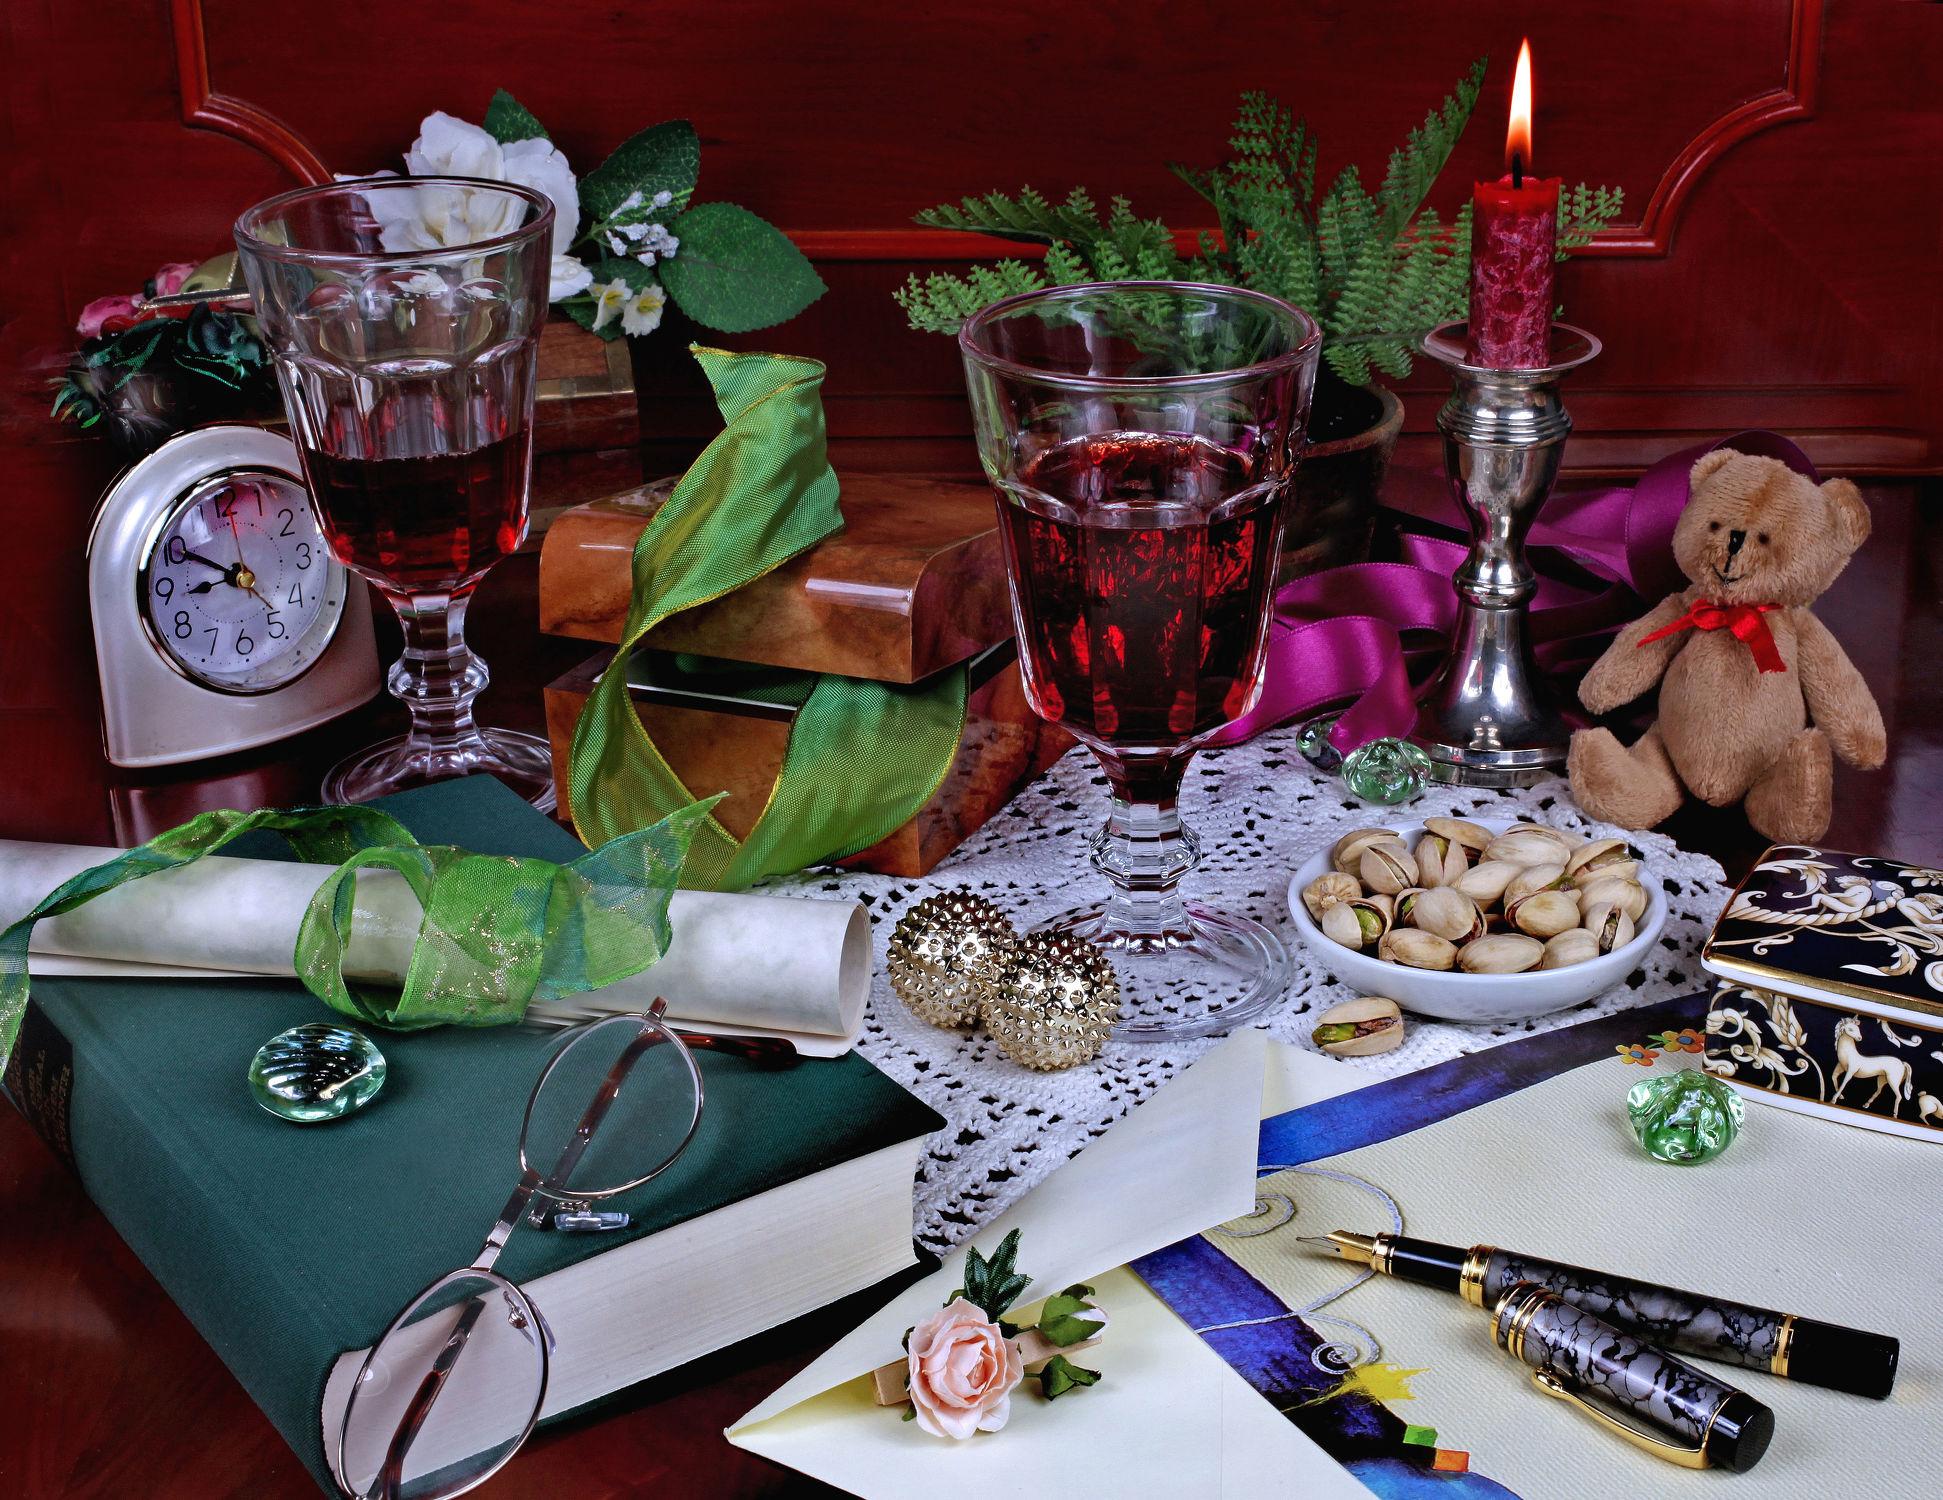 Bild mit Trinken, Uhr, Blume, Kerze, Kerzenschein, Nüsse, Wein, Getränk, Pistazien, Feierabend, briefpapier, brief, rotwein, rotweinglas, Teddy, Buch, Lesen, brille, lesebrille, teddybär, federhalter